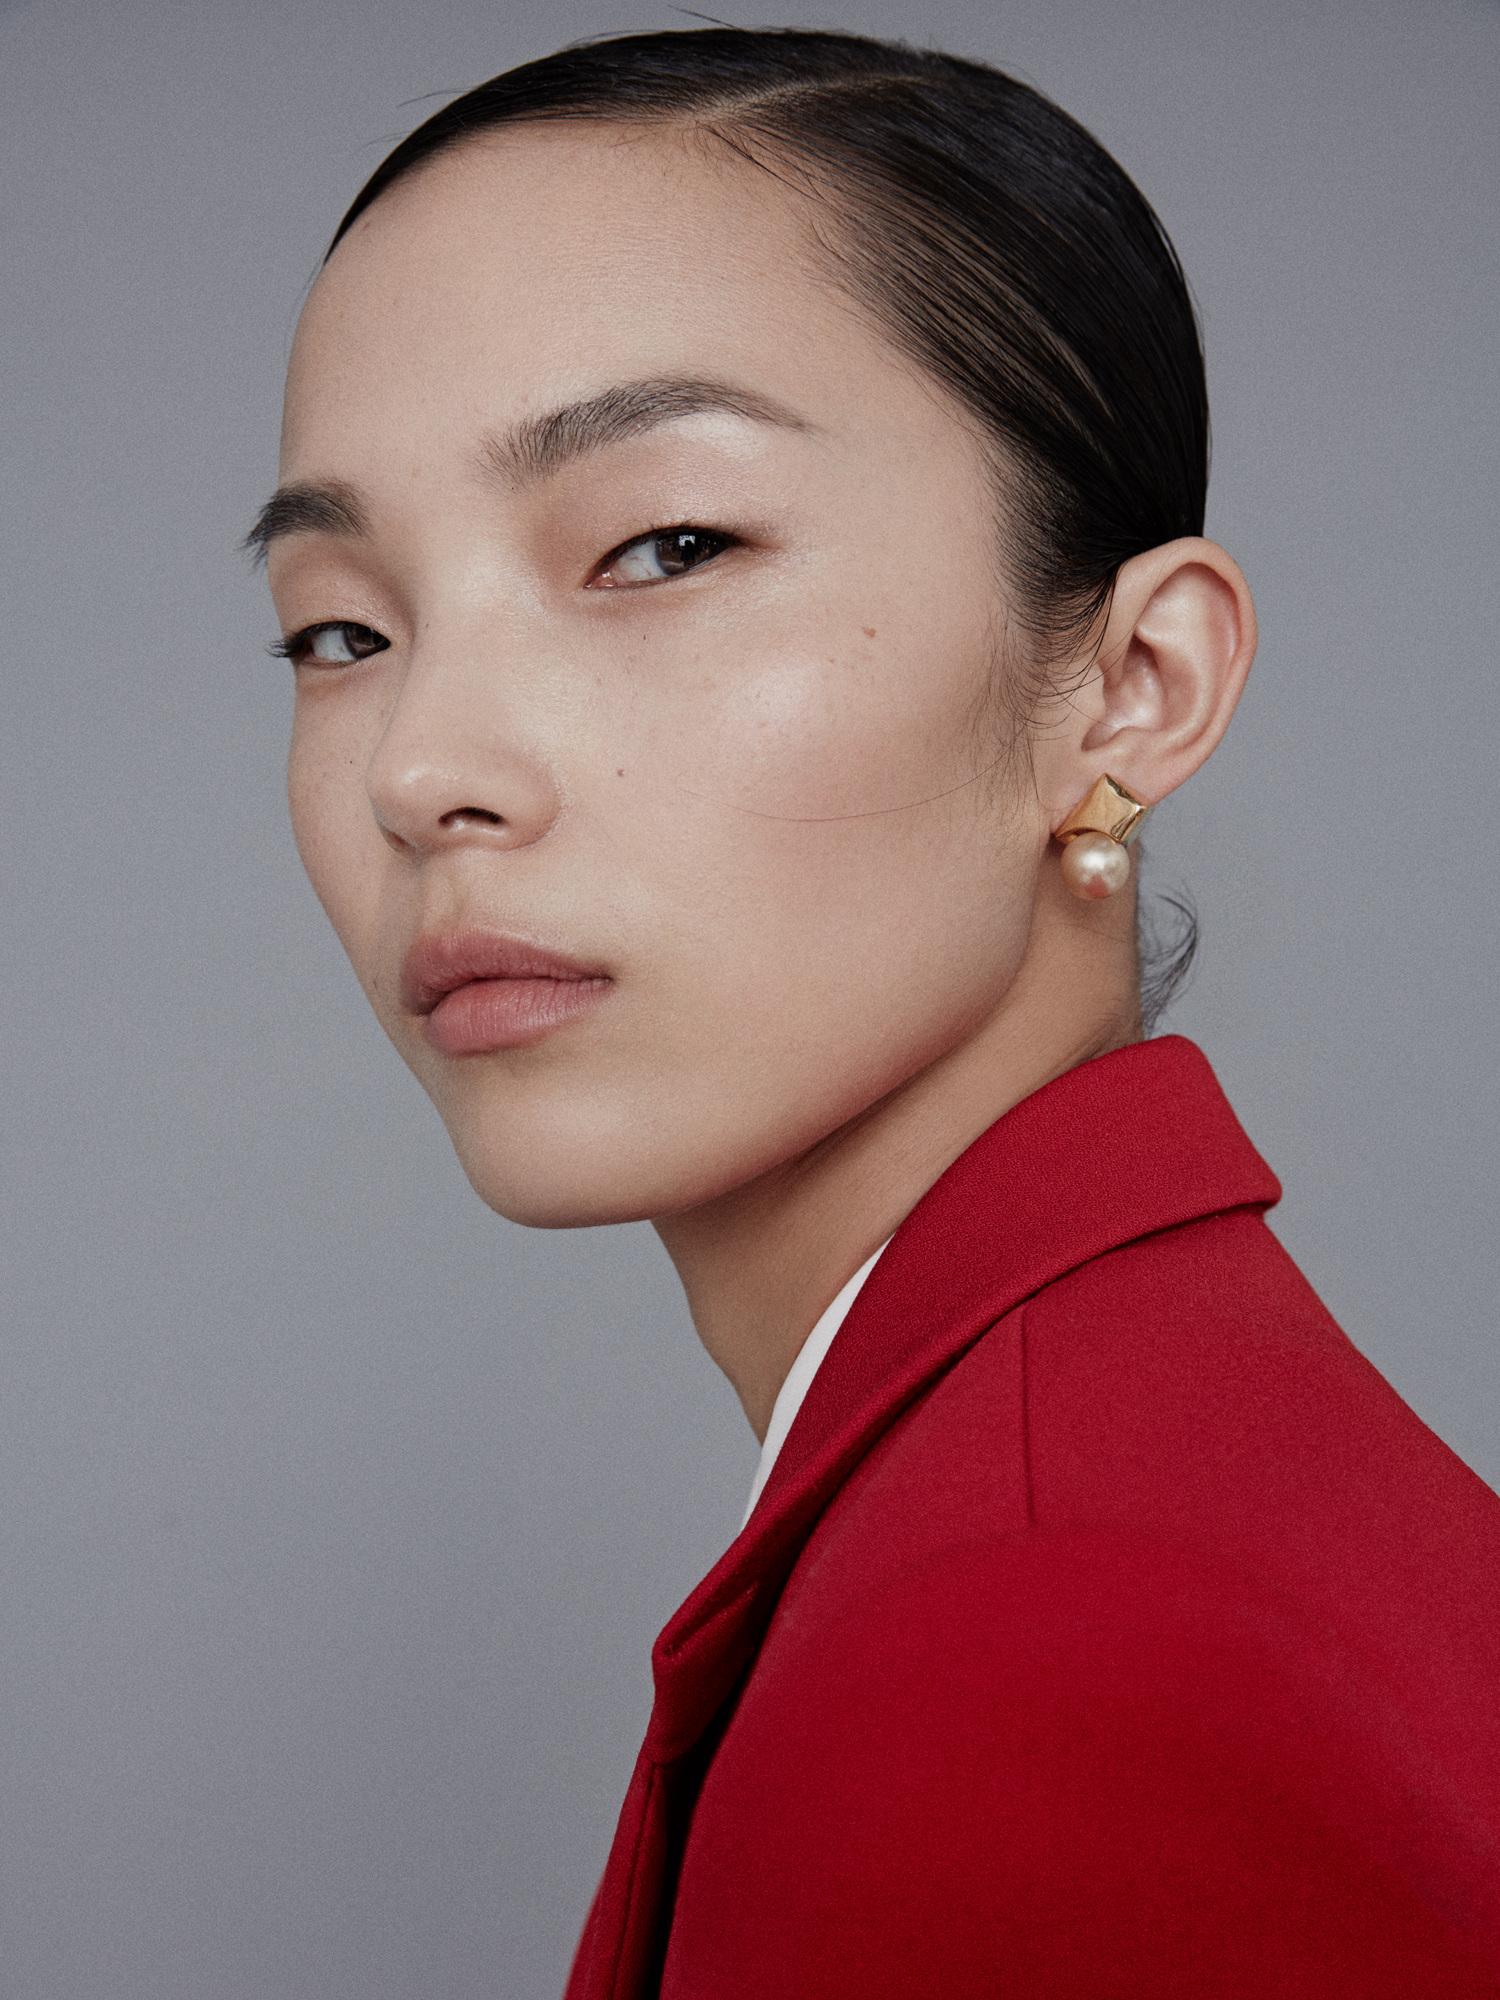 Xiao Wen Ju by Nicholas Ong (Portrait)